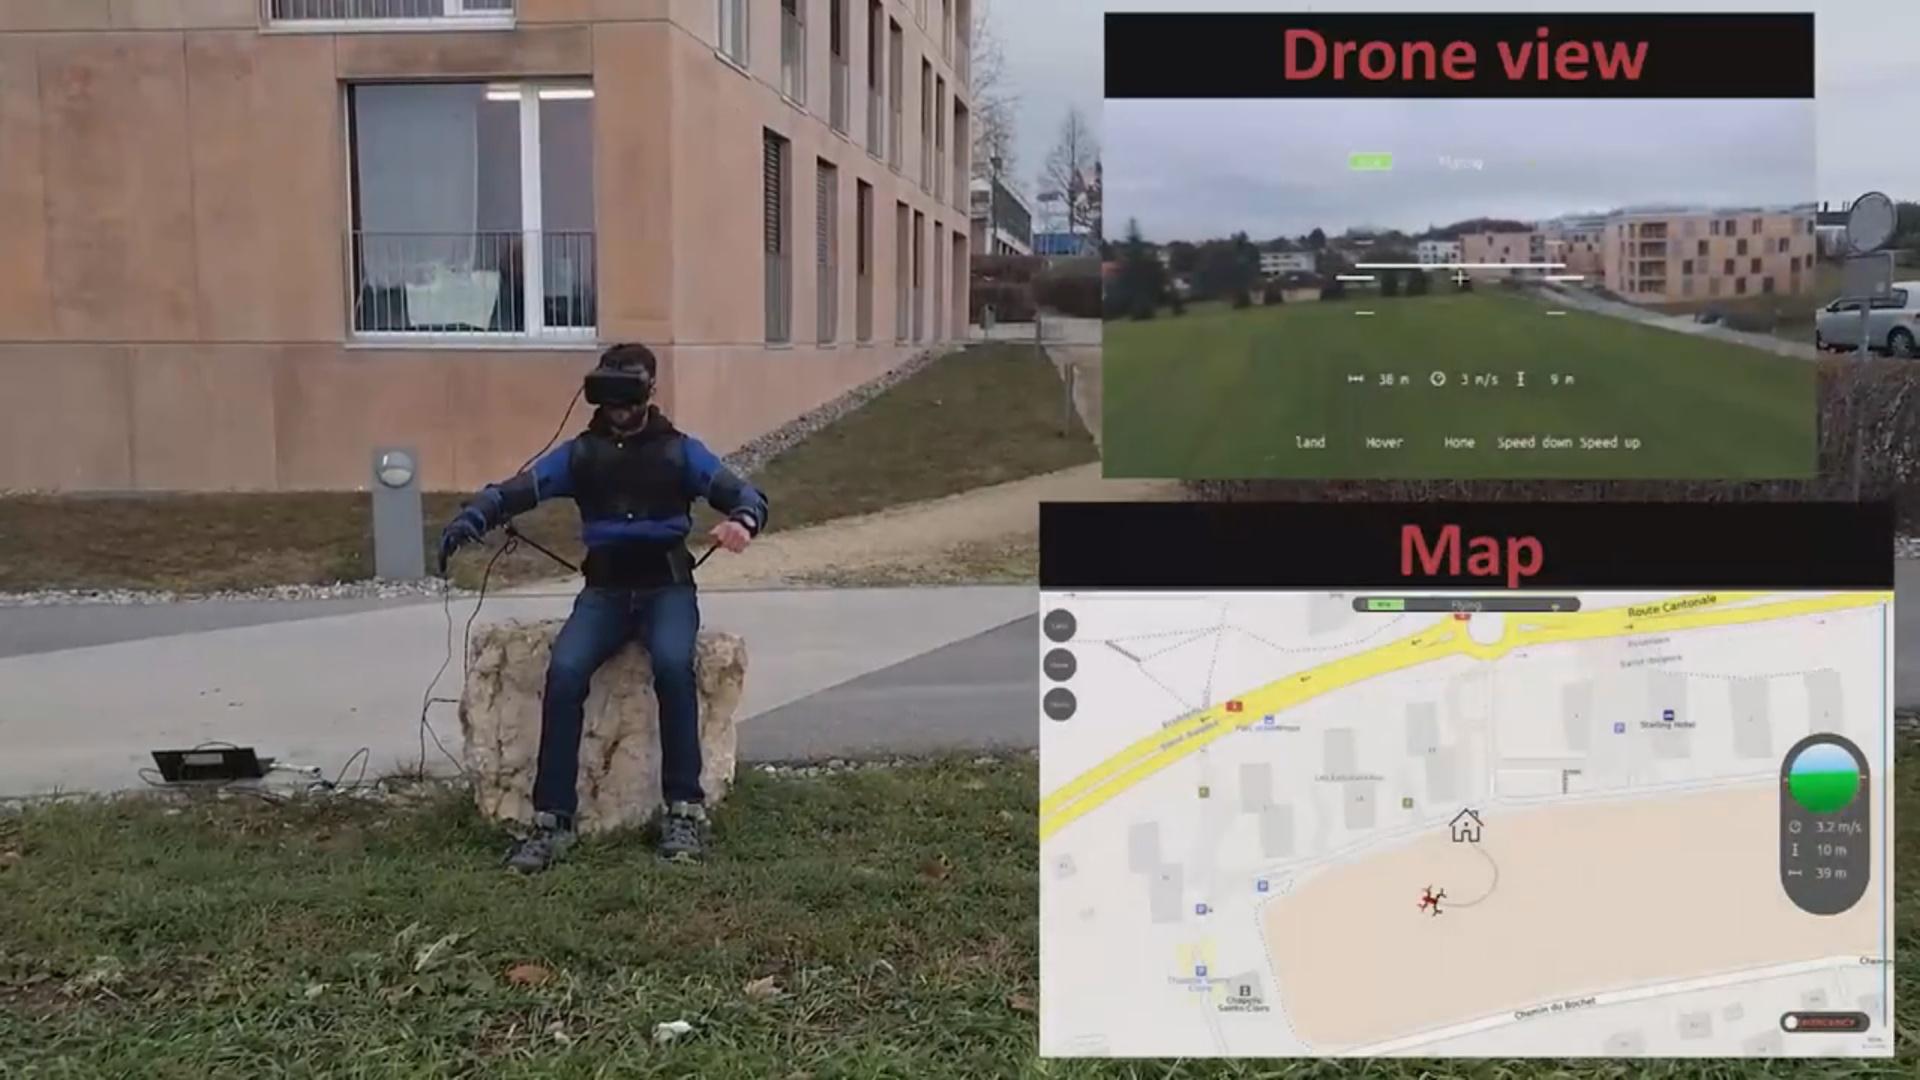 Dron ekzoskelet vasitəsilə idarə olunacaq